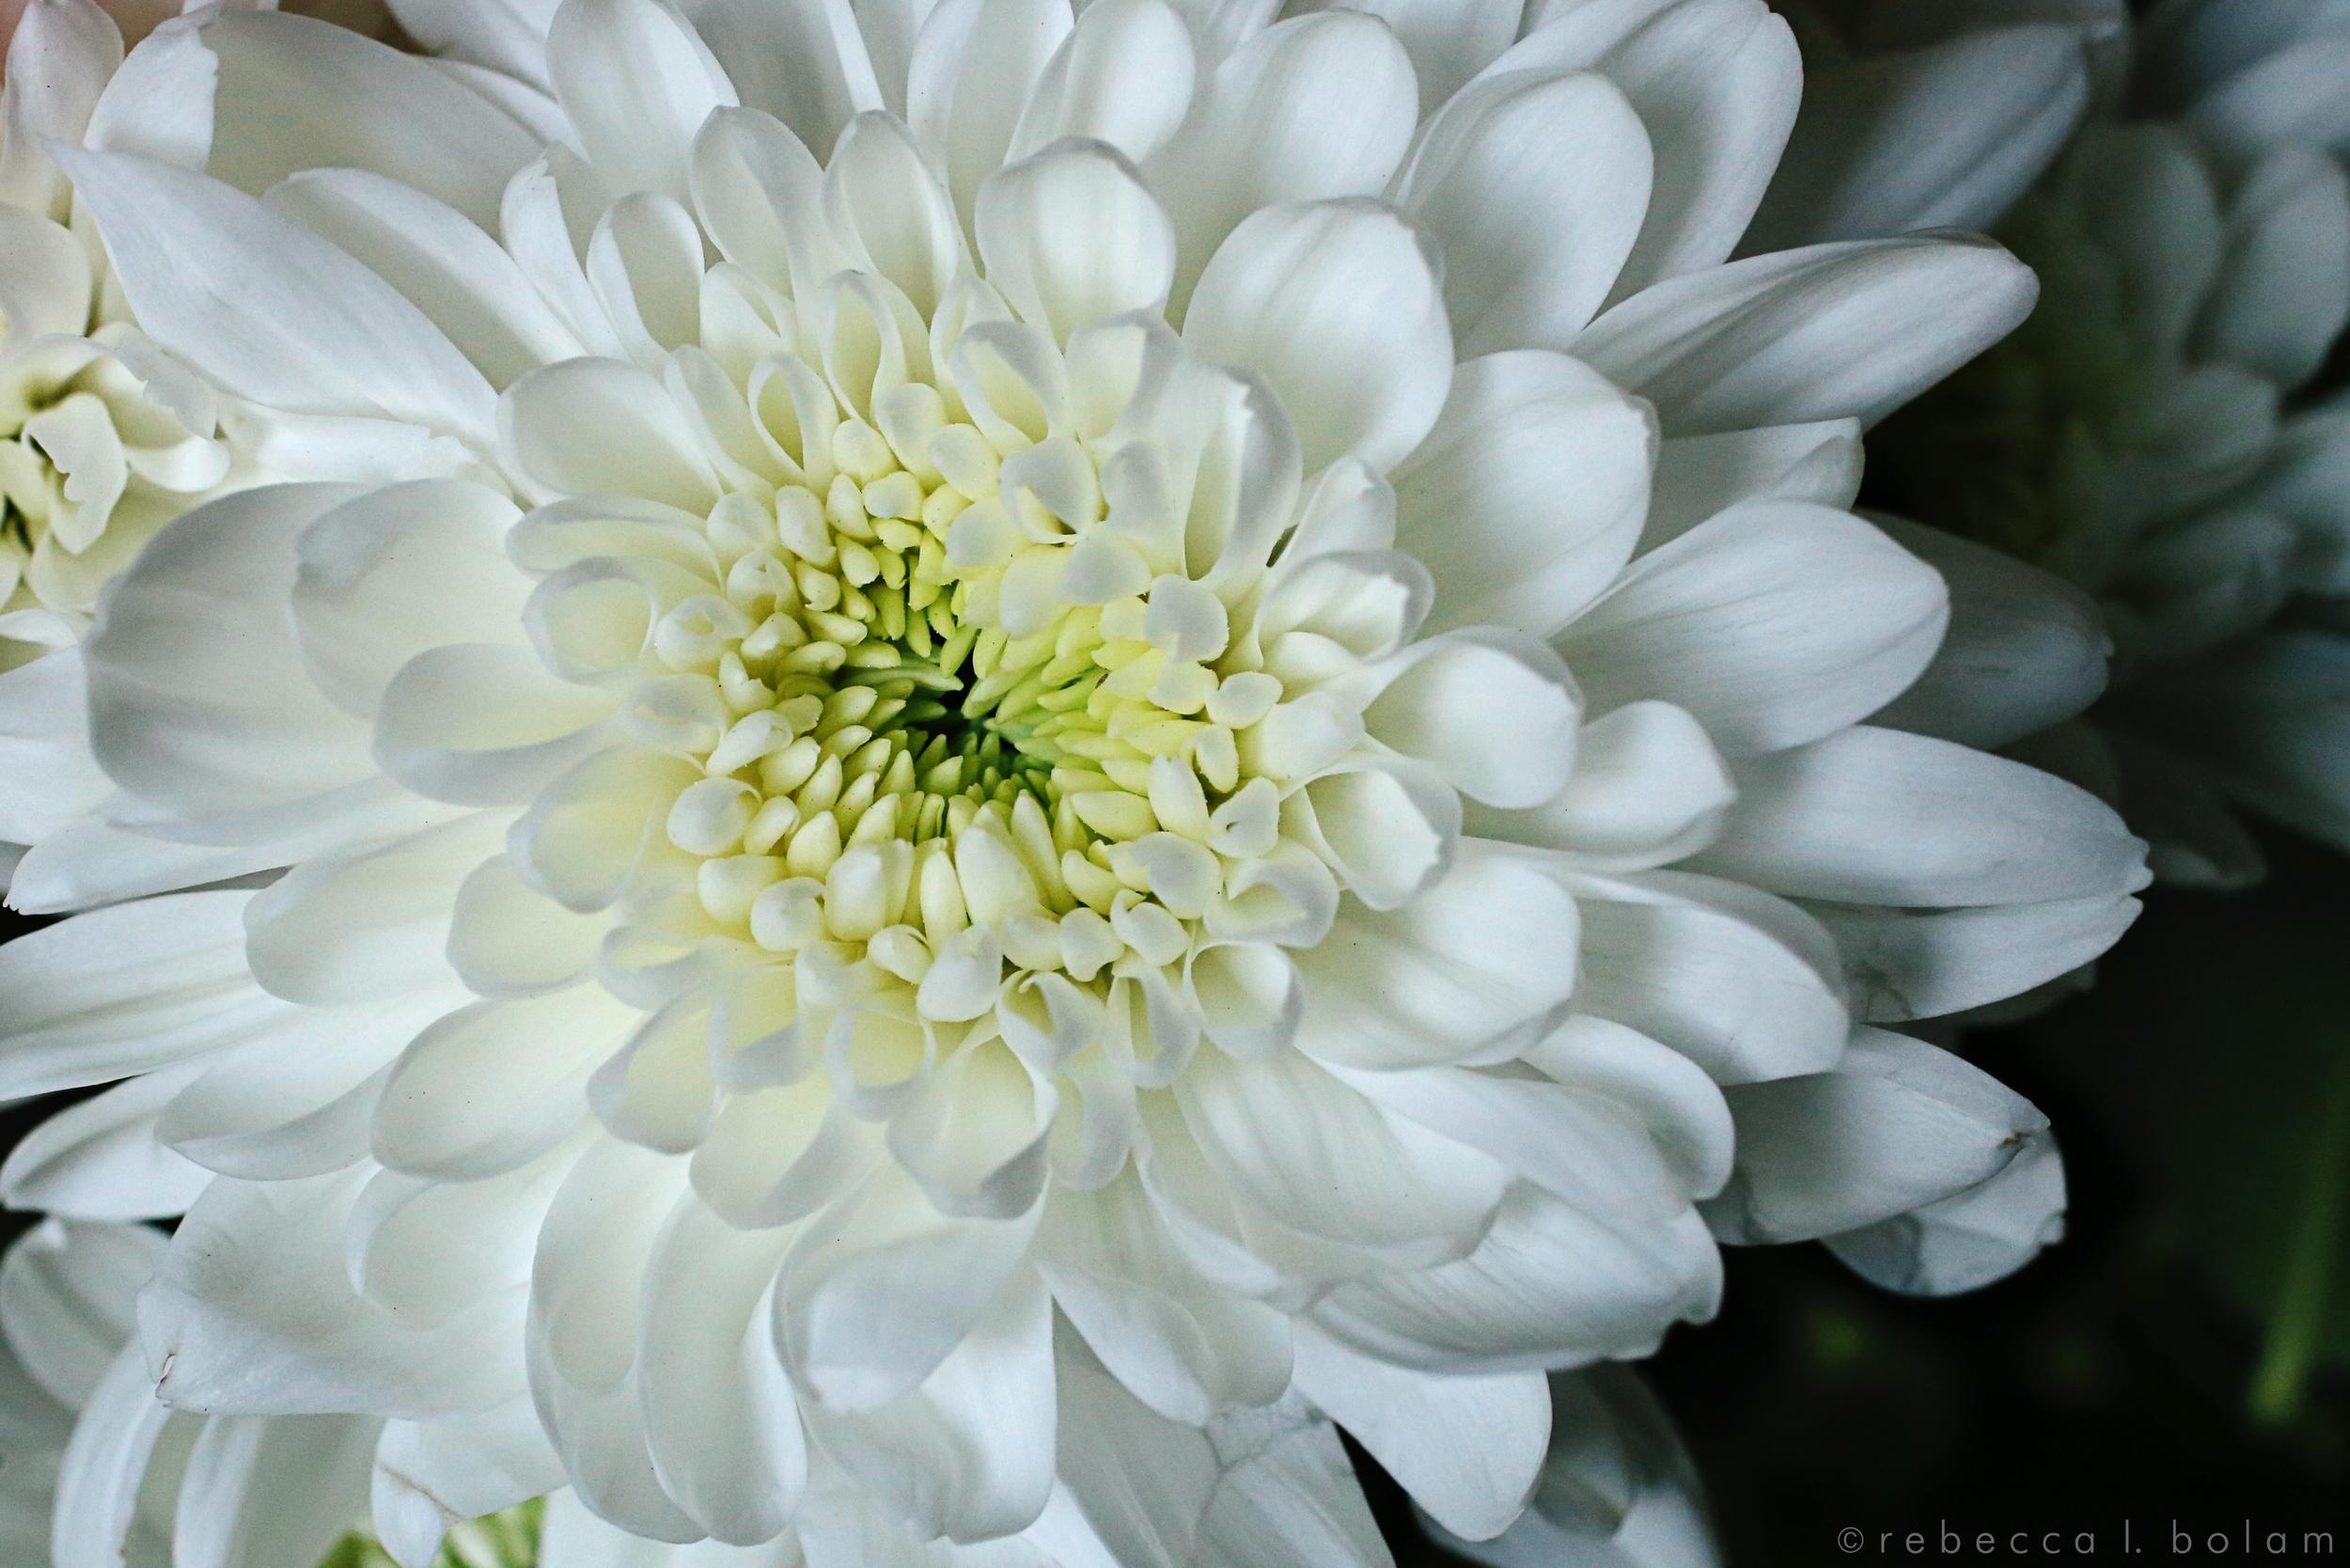 White Flower green center.jpg